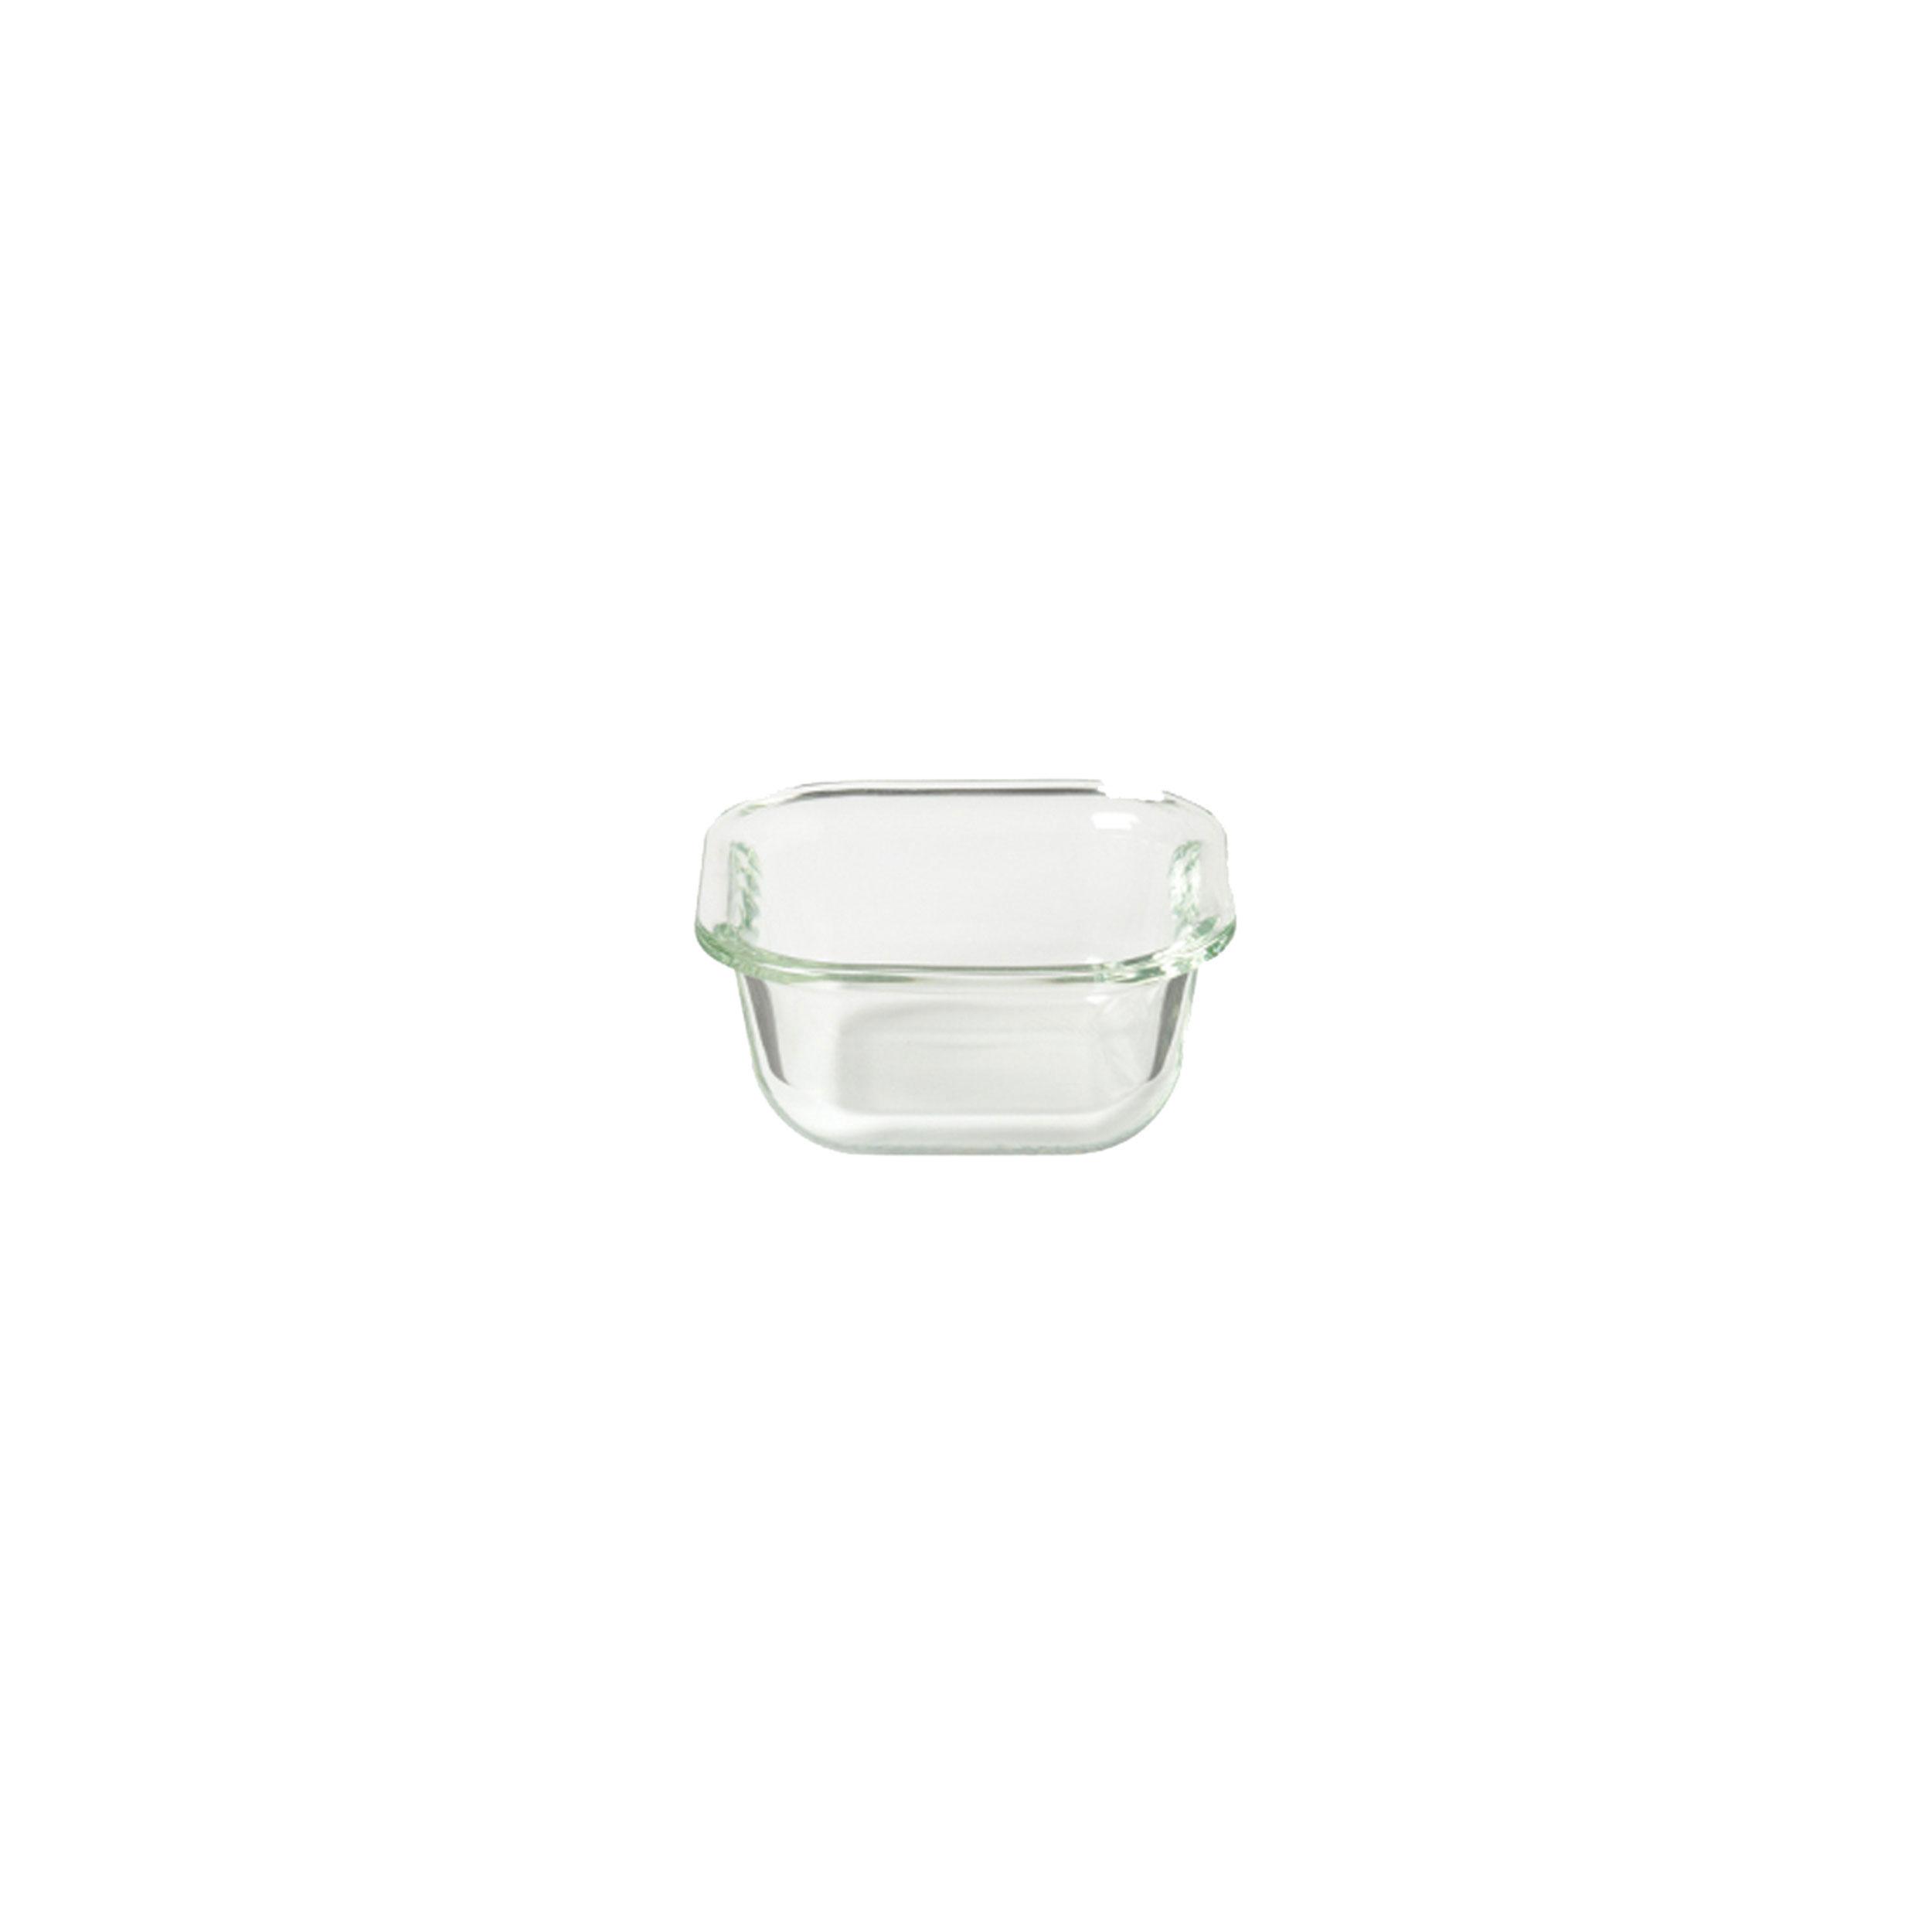 Leonardo Gusto Ofenform Auflaufform Ofen Form Klarglas Glas 100 ml